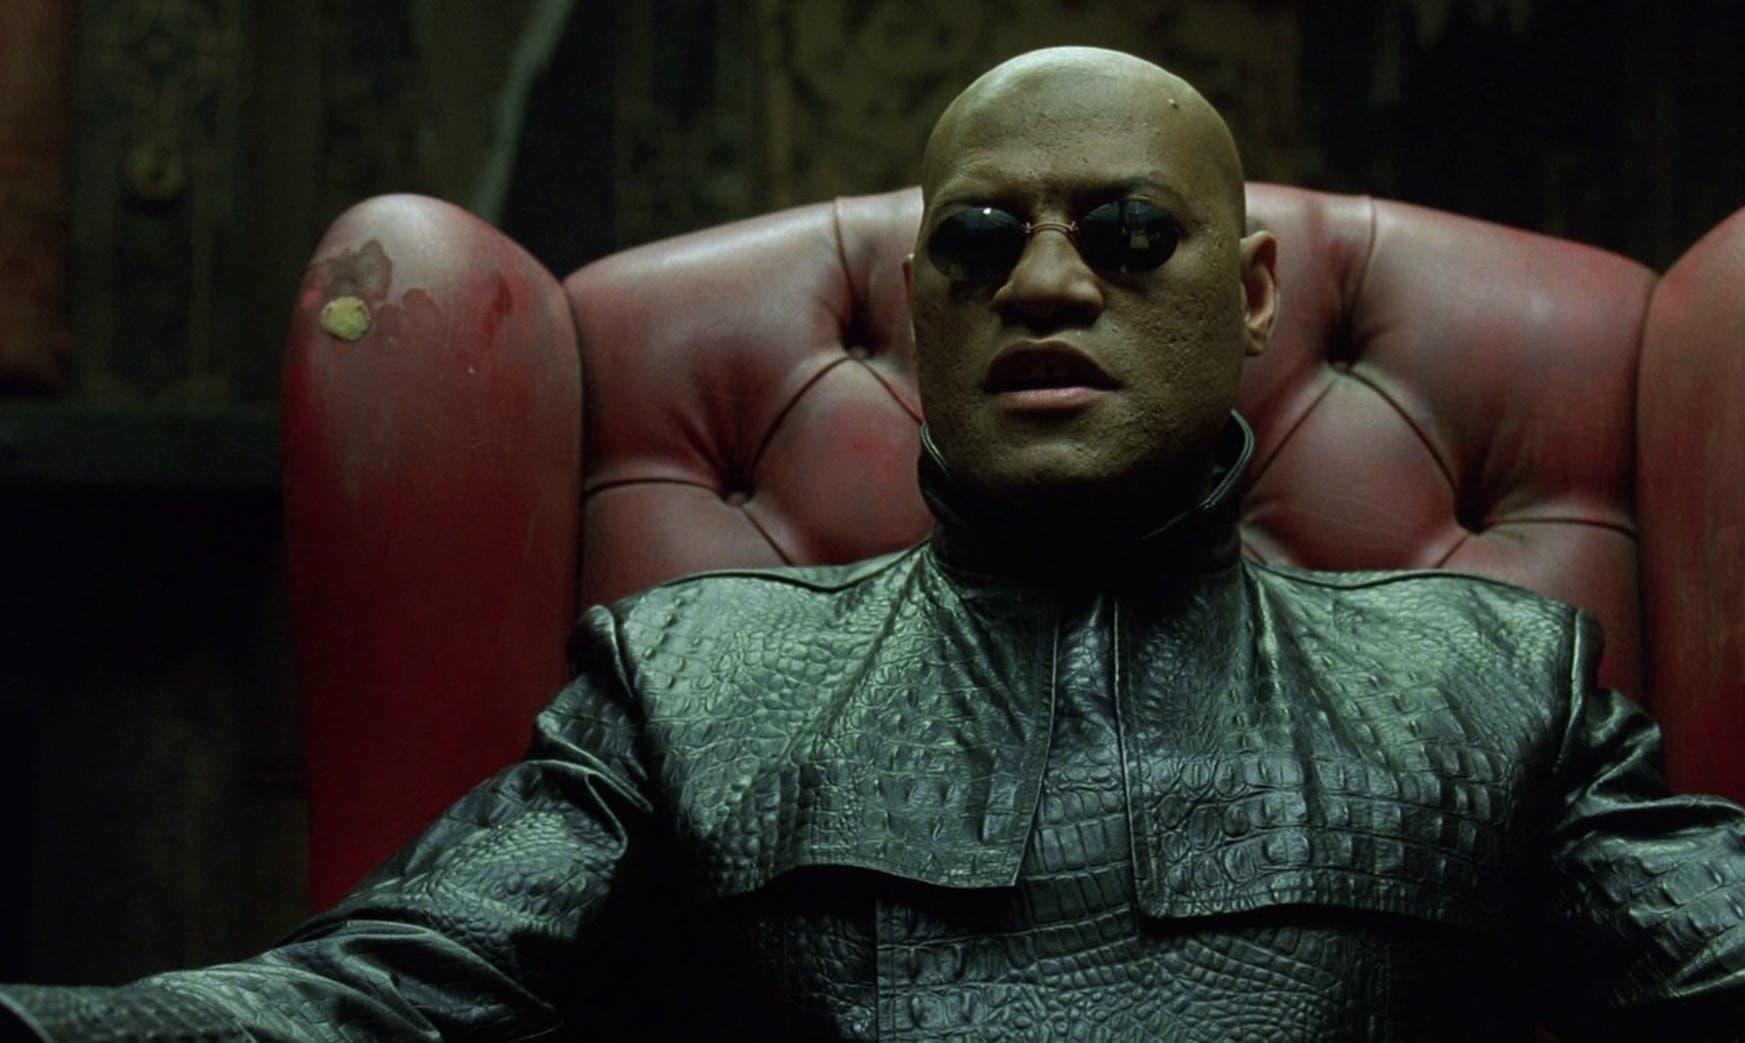 Laurence Fishburne Matrix 4 Lana Wachowski